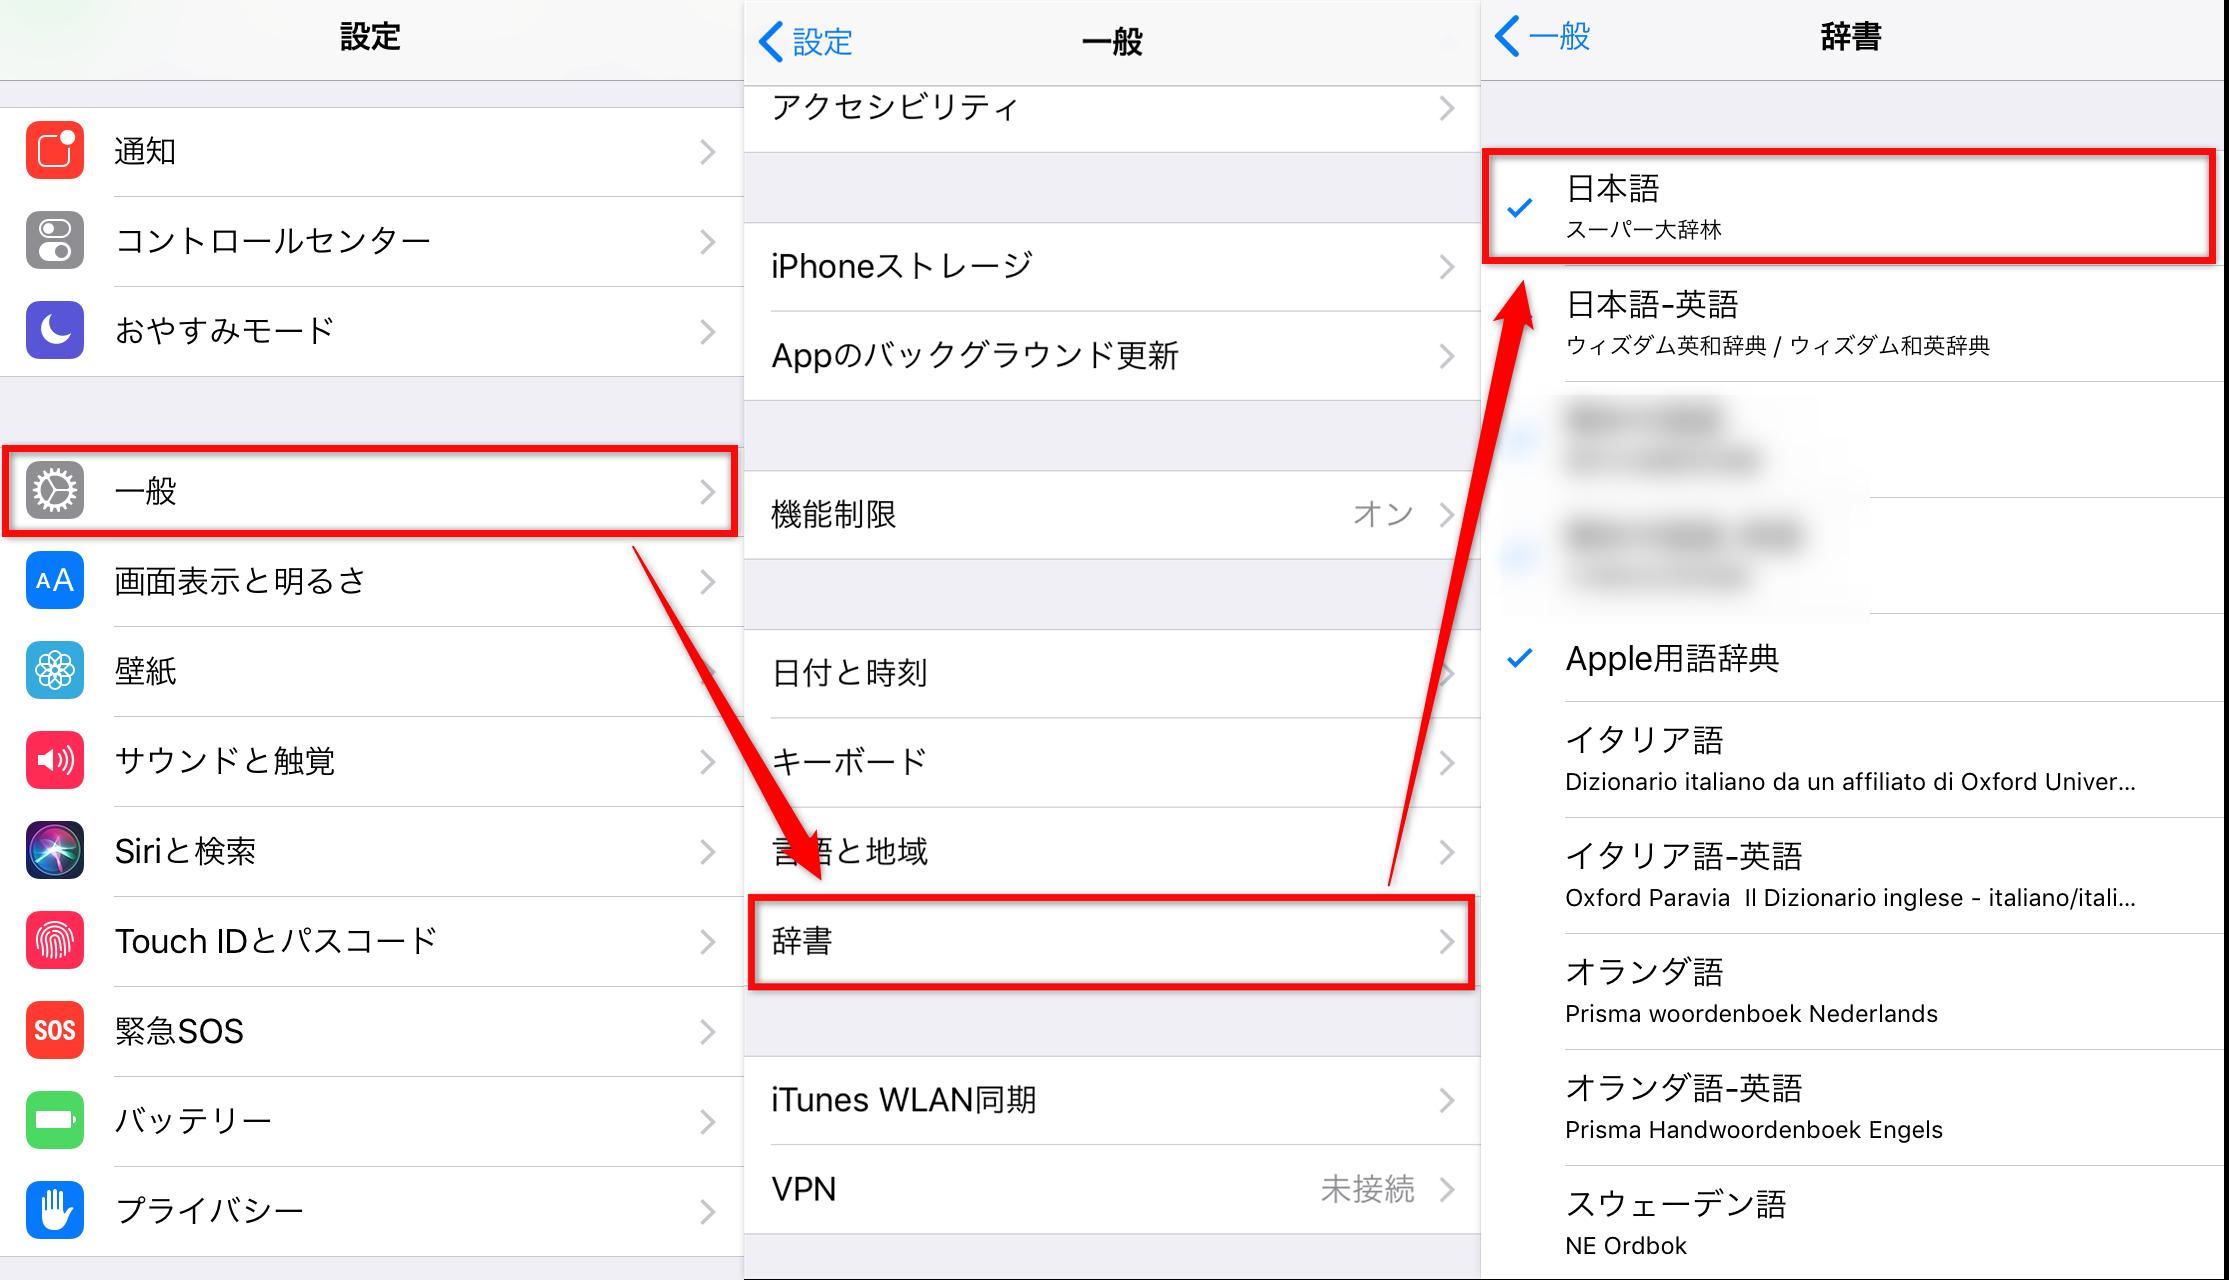 iOS 12.1/12バージョンアップによるバグ・不具合 - 辞書機能が使えない